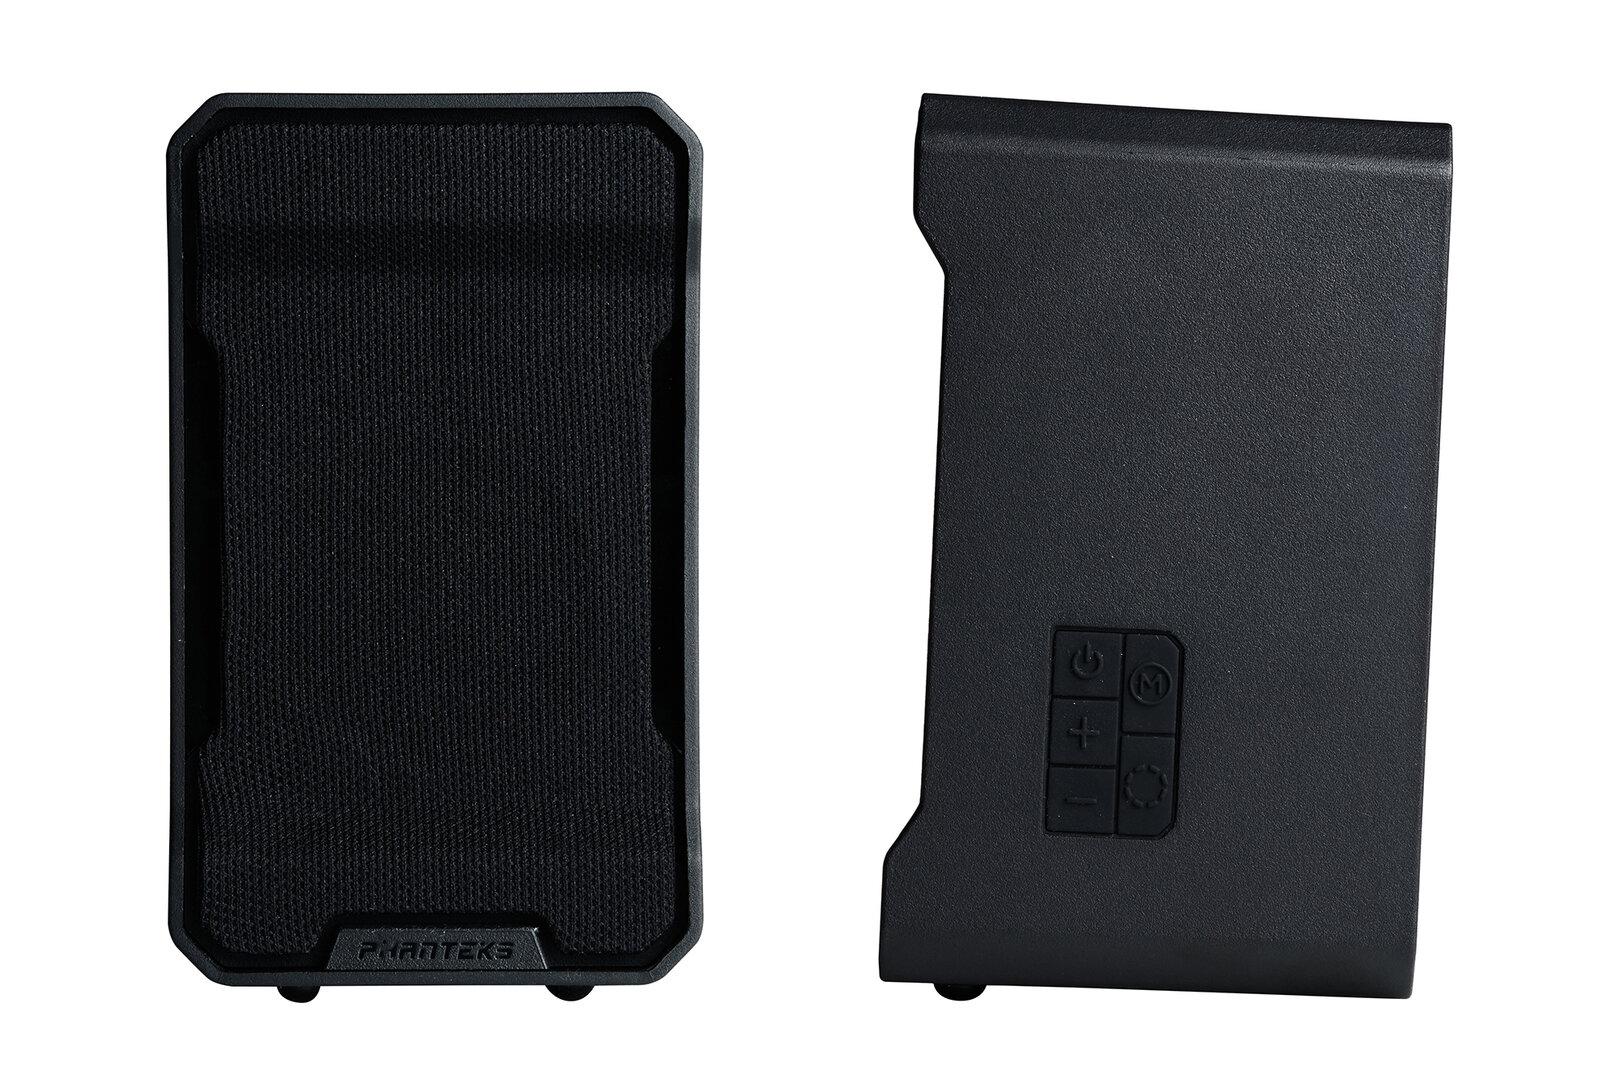 Phanteks Evolv Sound Mini